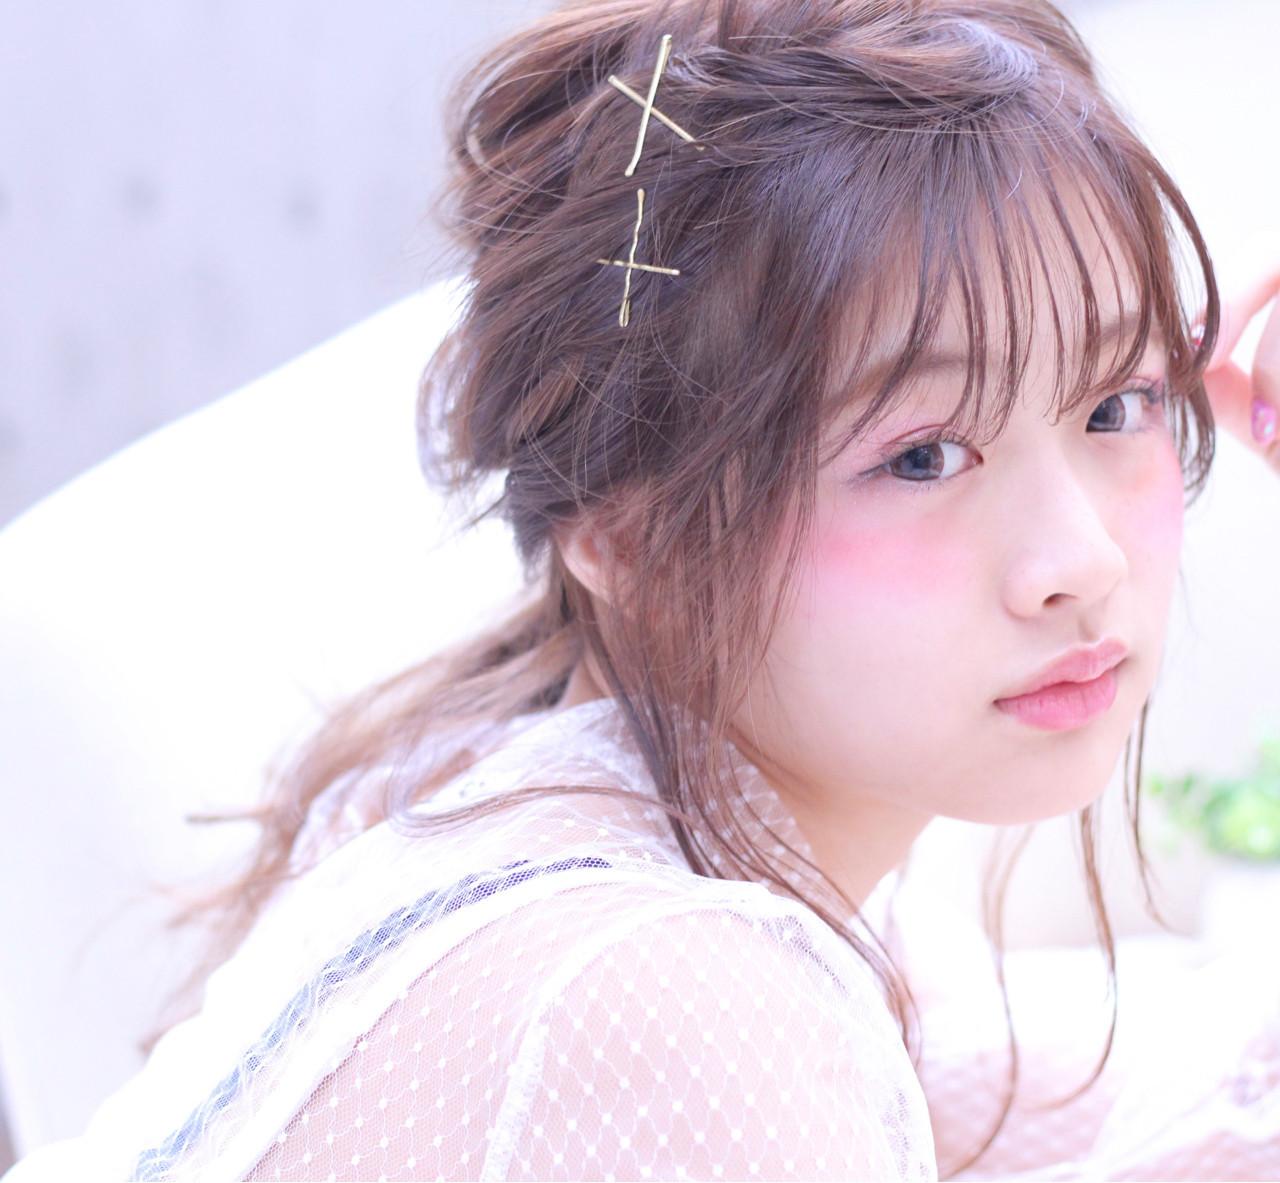 雰囲気が変わる!前髪アレンジでポニーテールをもっと可愛く見せちゃおう♪ Wataru Maeda  cache cache